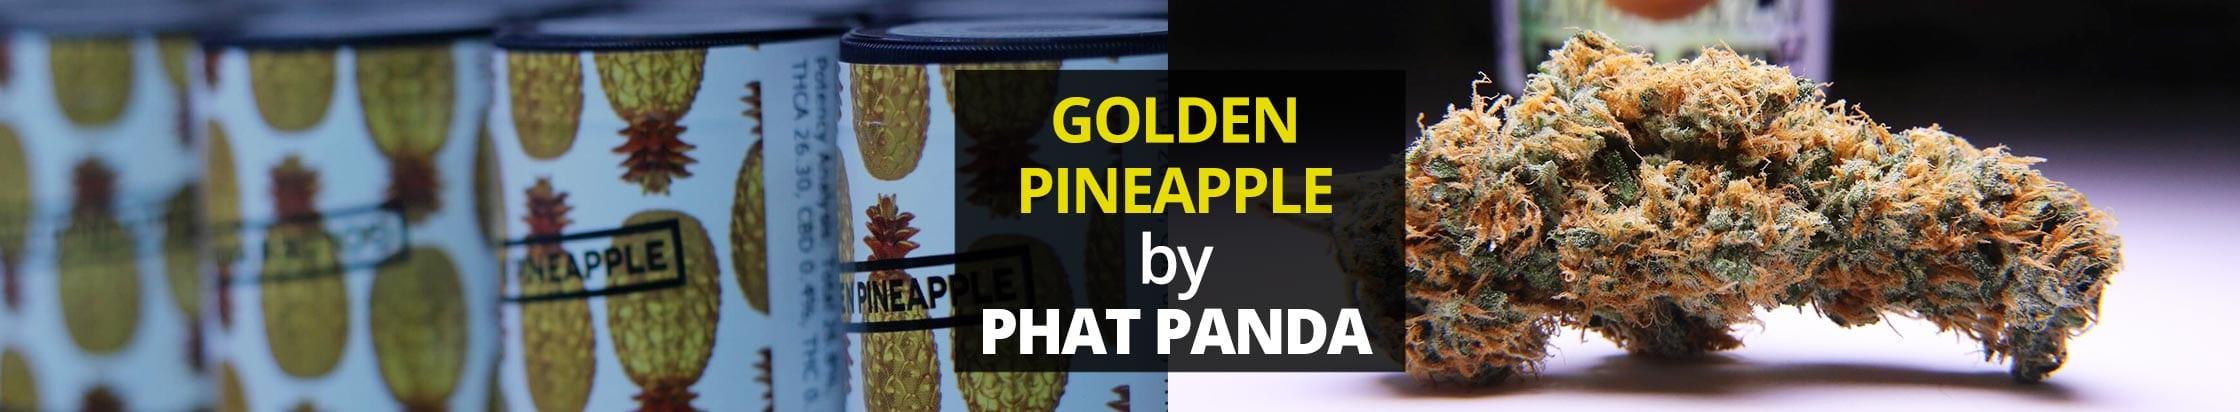 golden-pineapple-phat-panda-slice